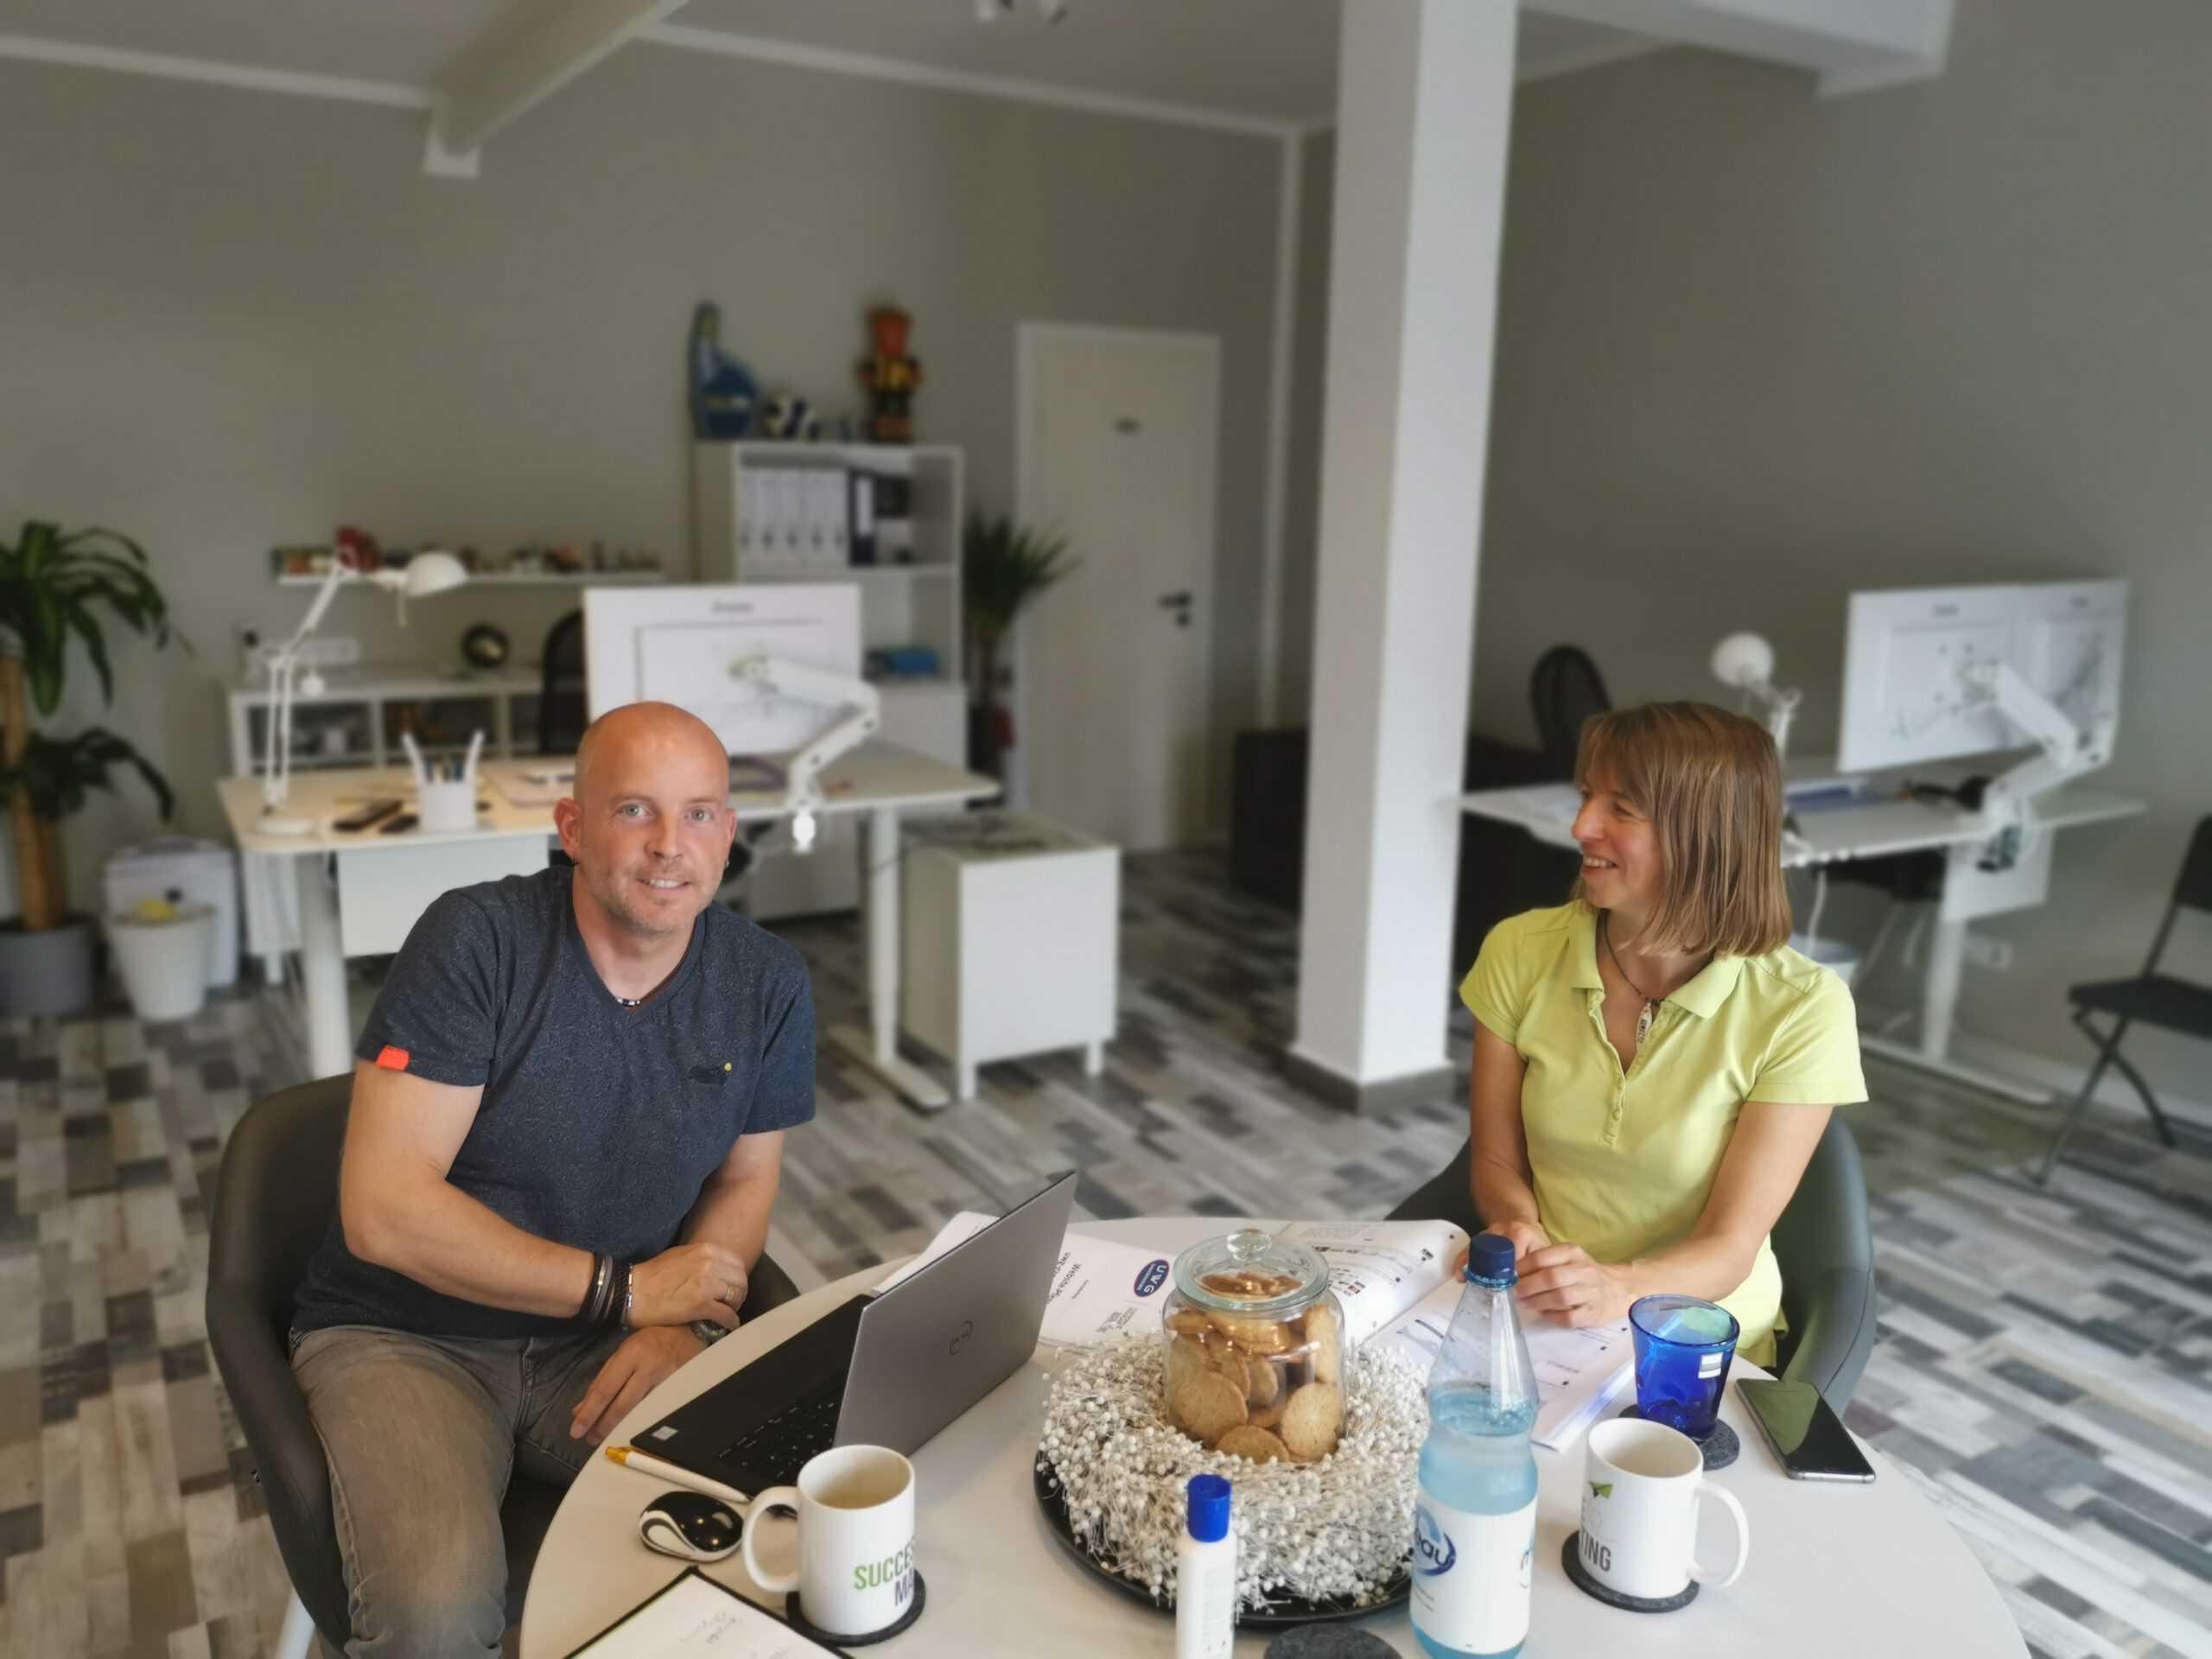 Hella Dietz und Stephan Wilkens zu Gast bei Successive Marketing für eine Website-Schulung.